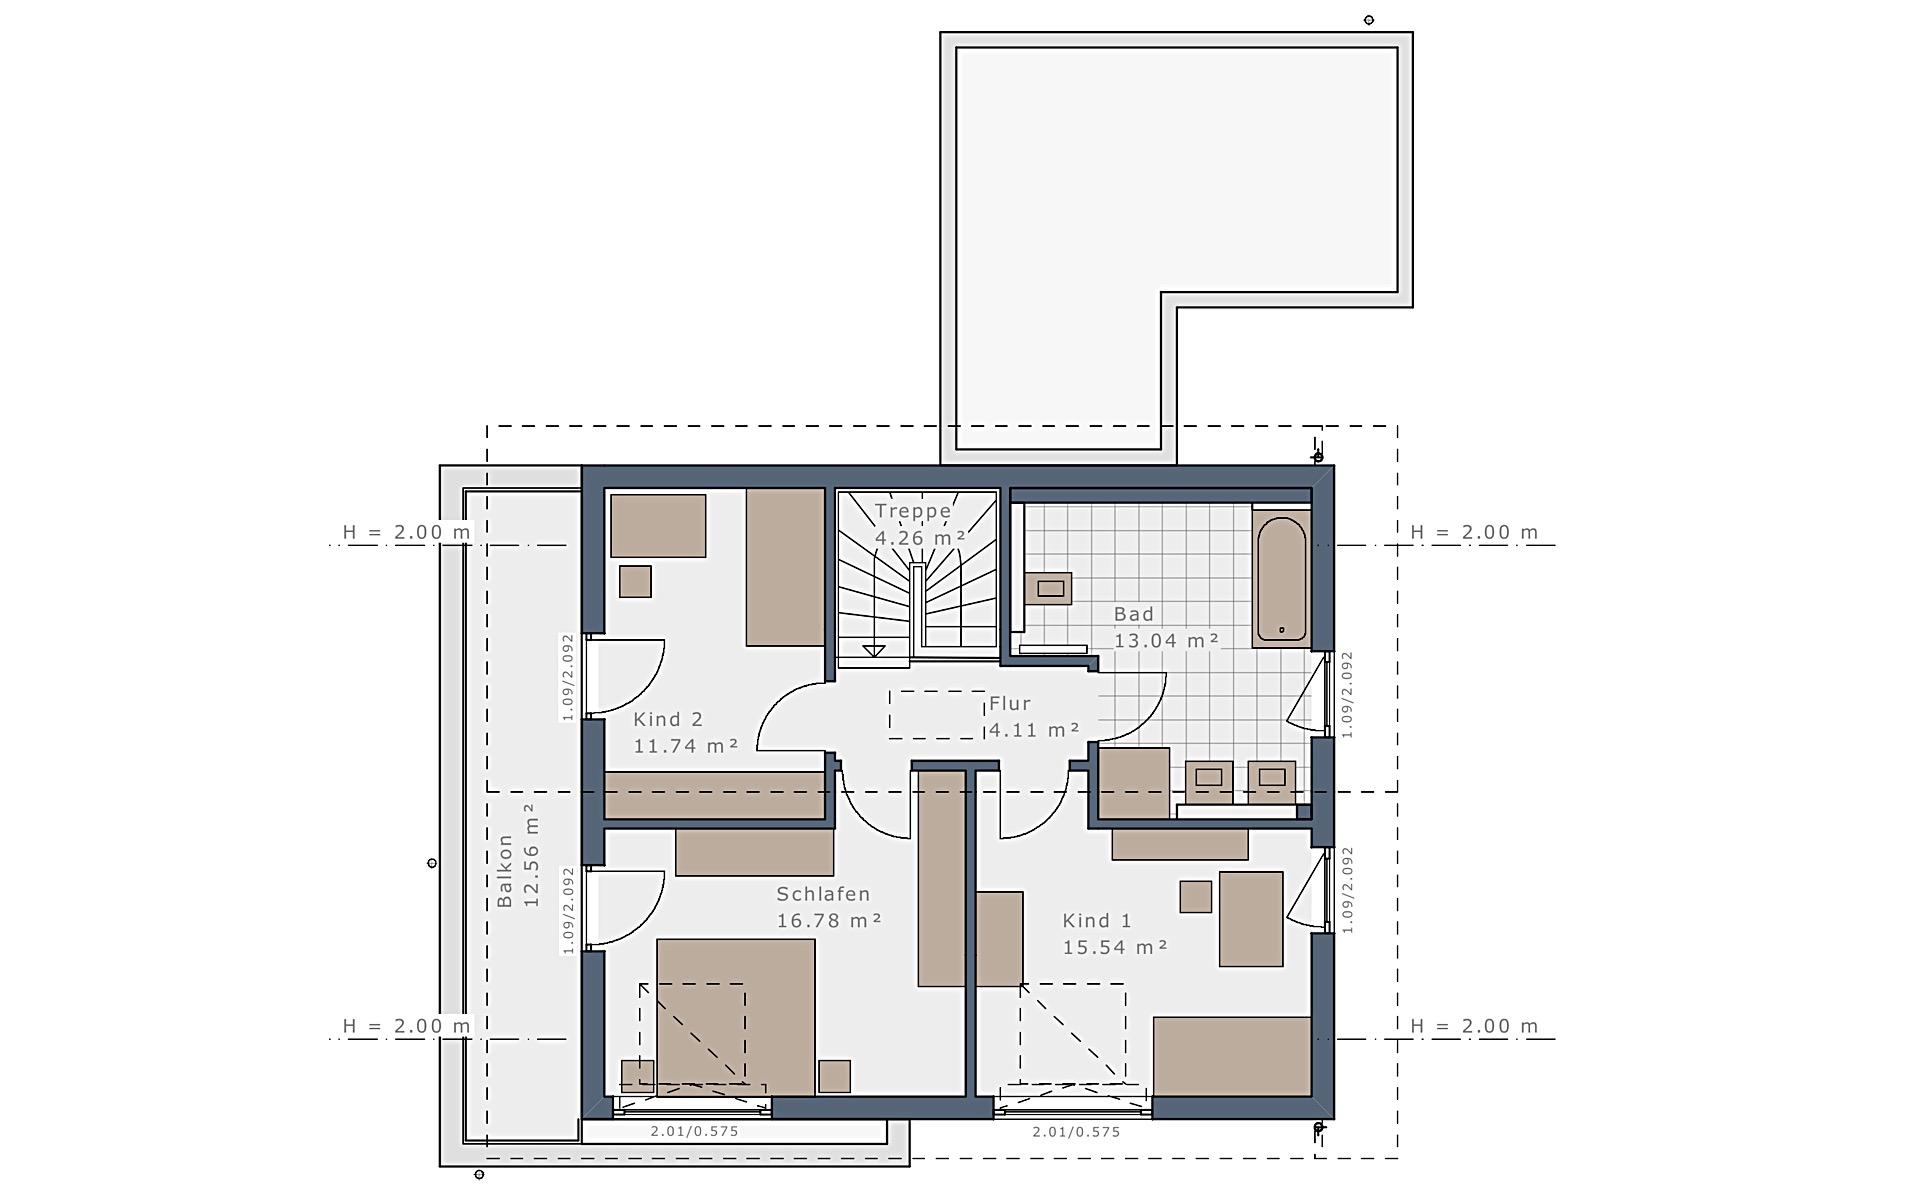 Dachgeschoss Sensation-E-132 E6 von Schwabenhaus GmbH & Co. KG